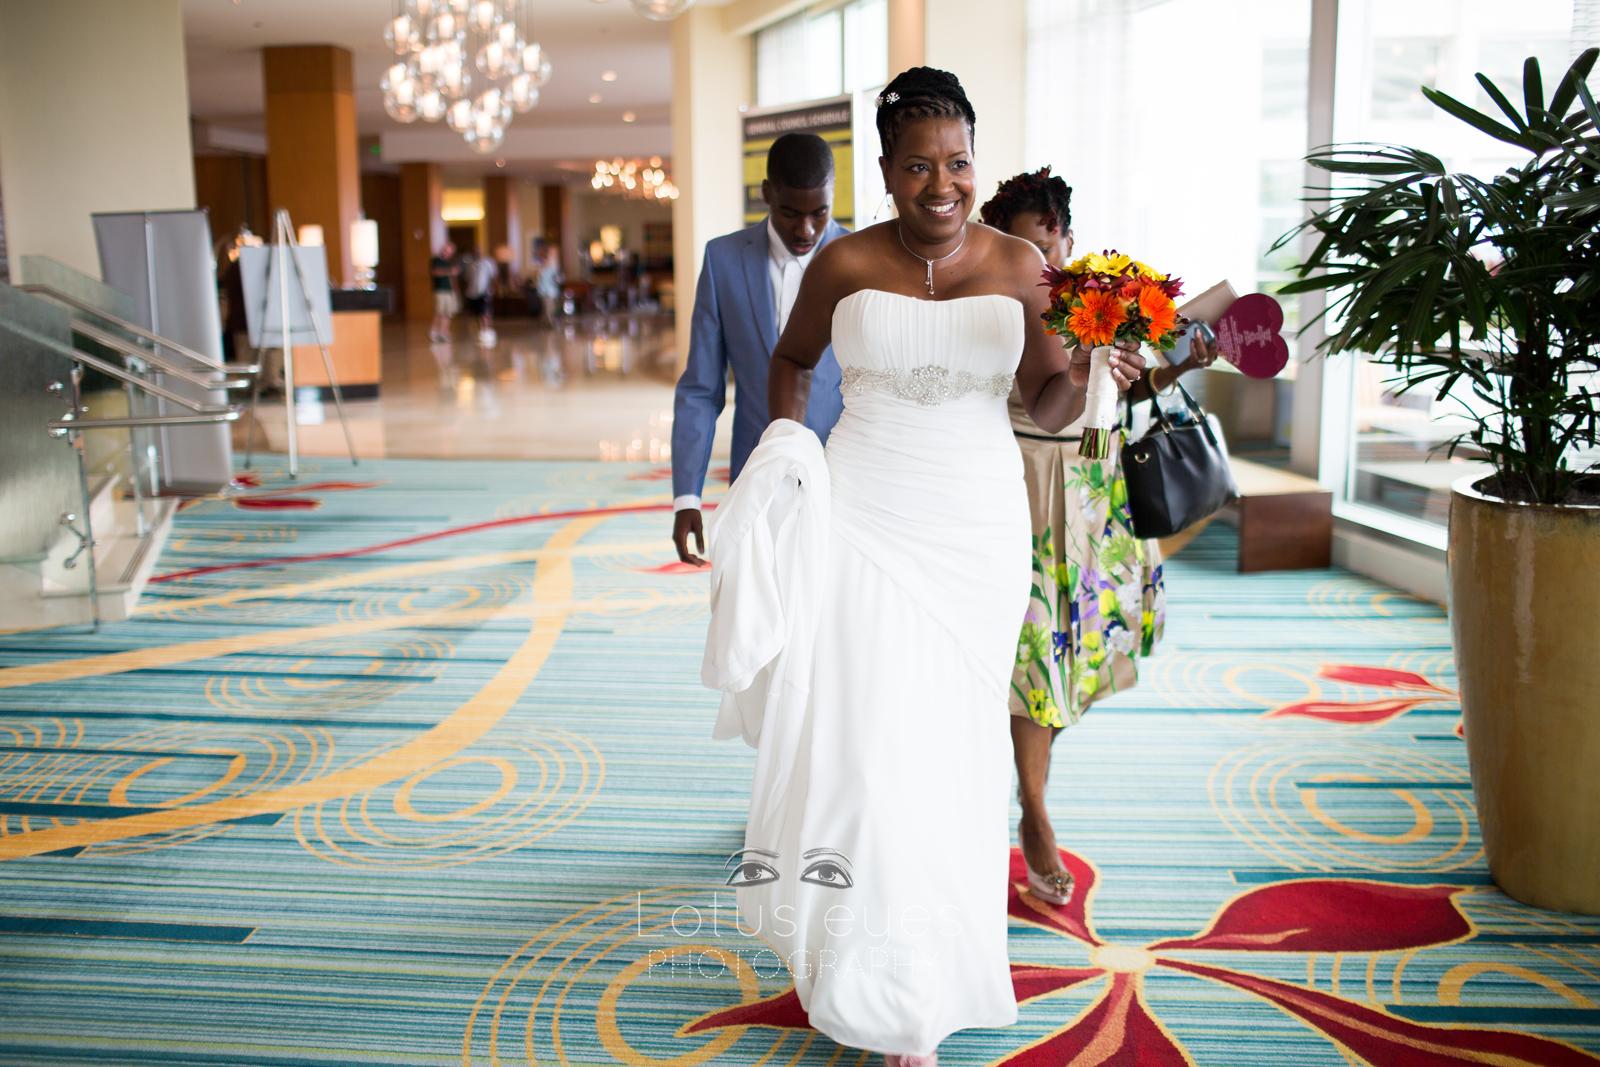 Hilton Orlando Bride